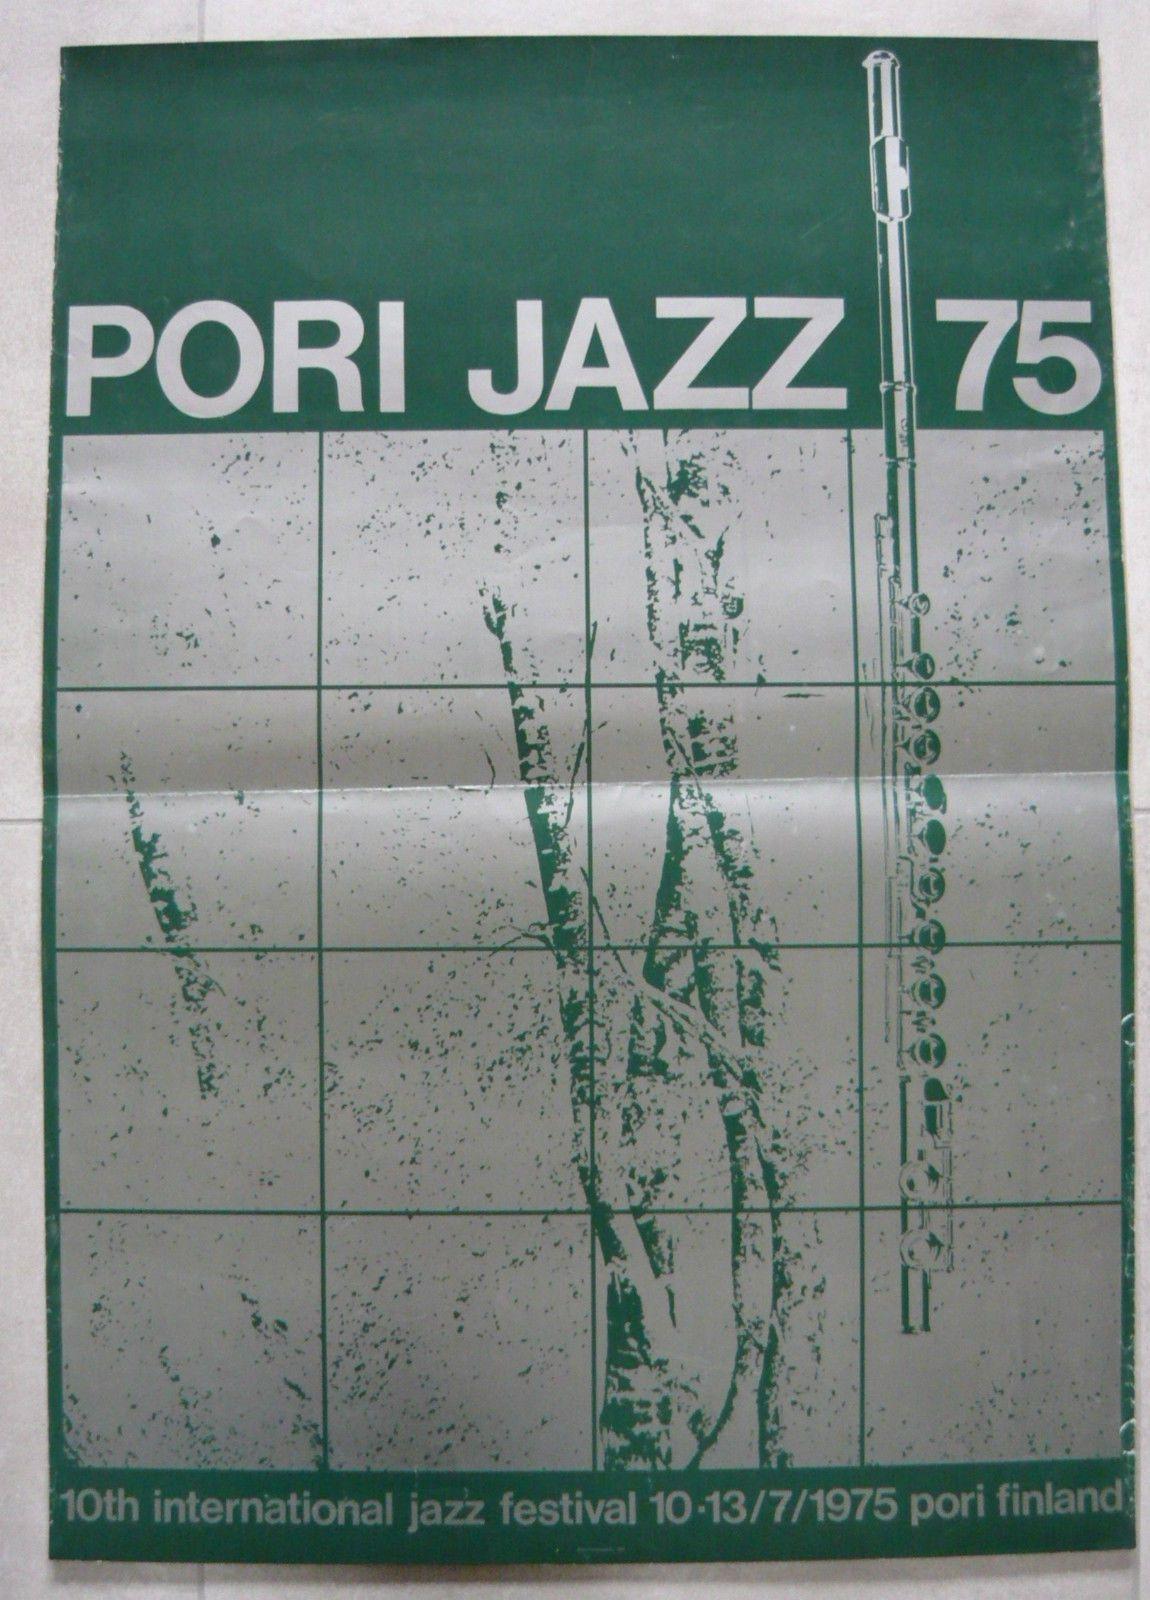 PORI JAZZ 75